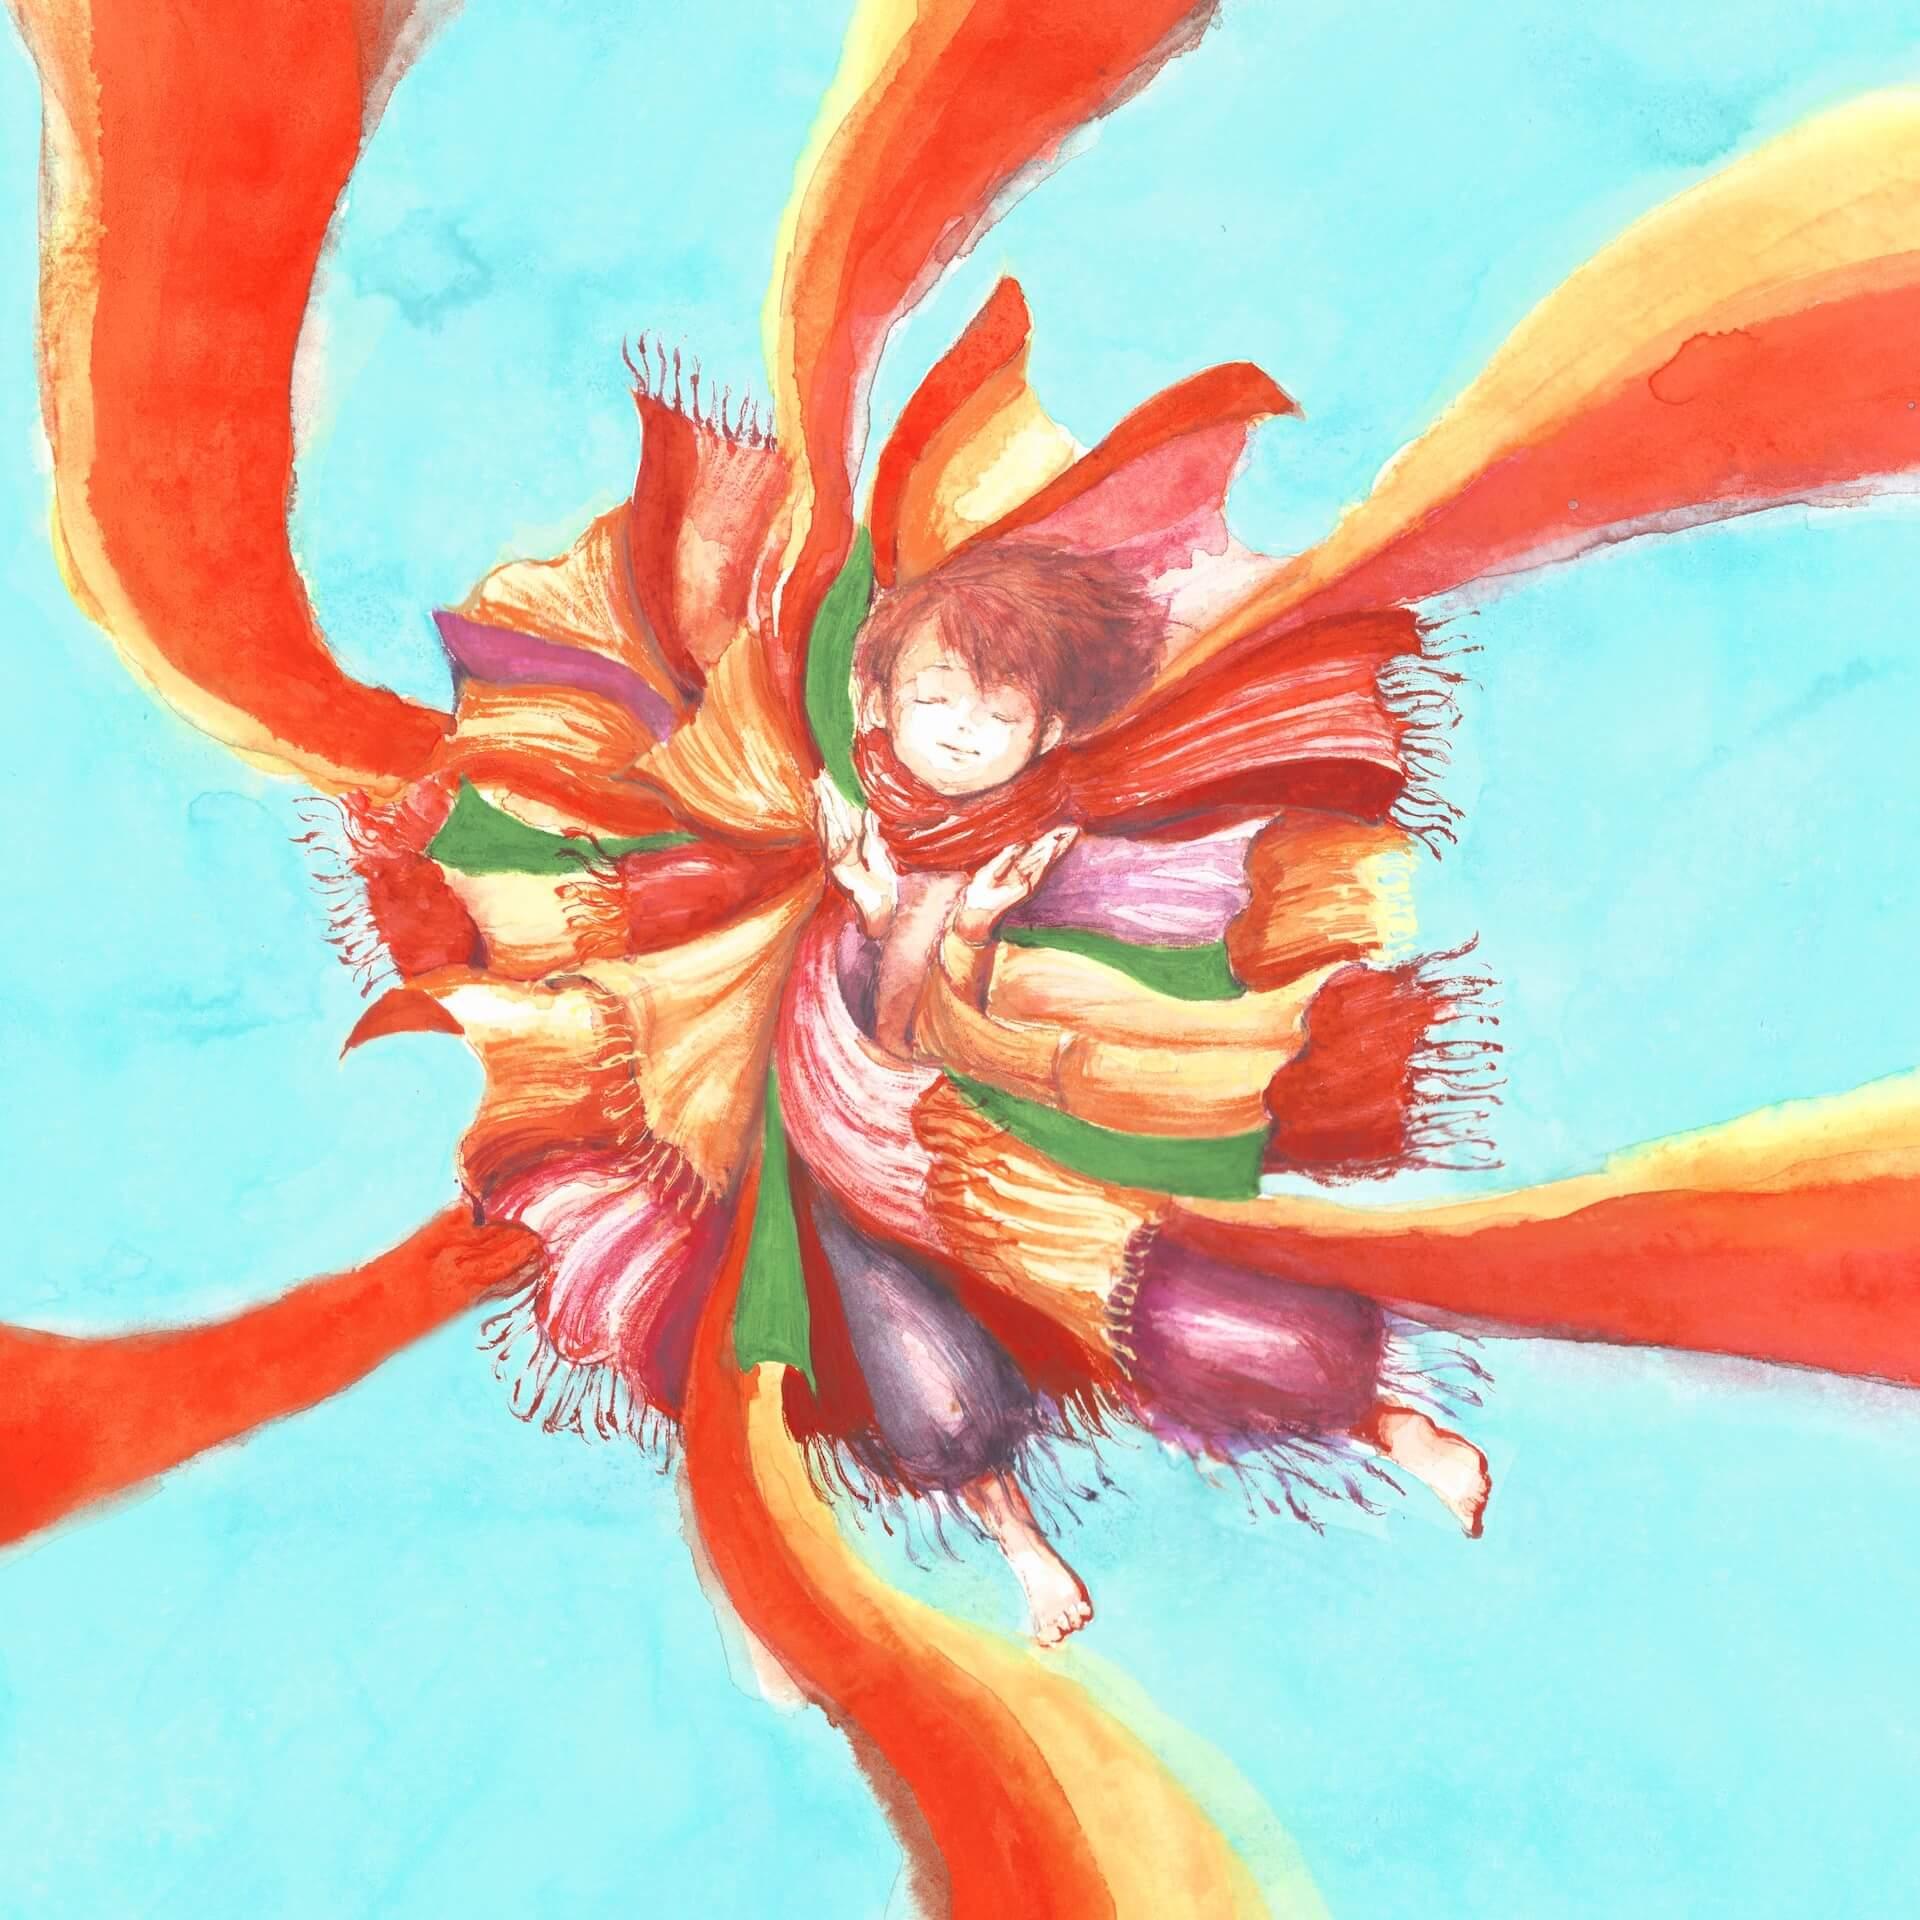 世界各地で子供たちがパプリカ!Foorin team E「Paprika」World Videoがついに公開 music200120_paprika_mv_2